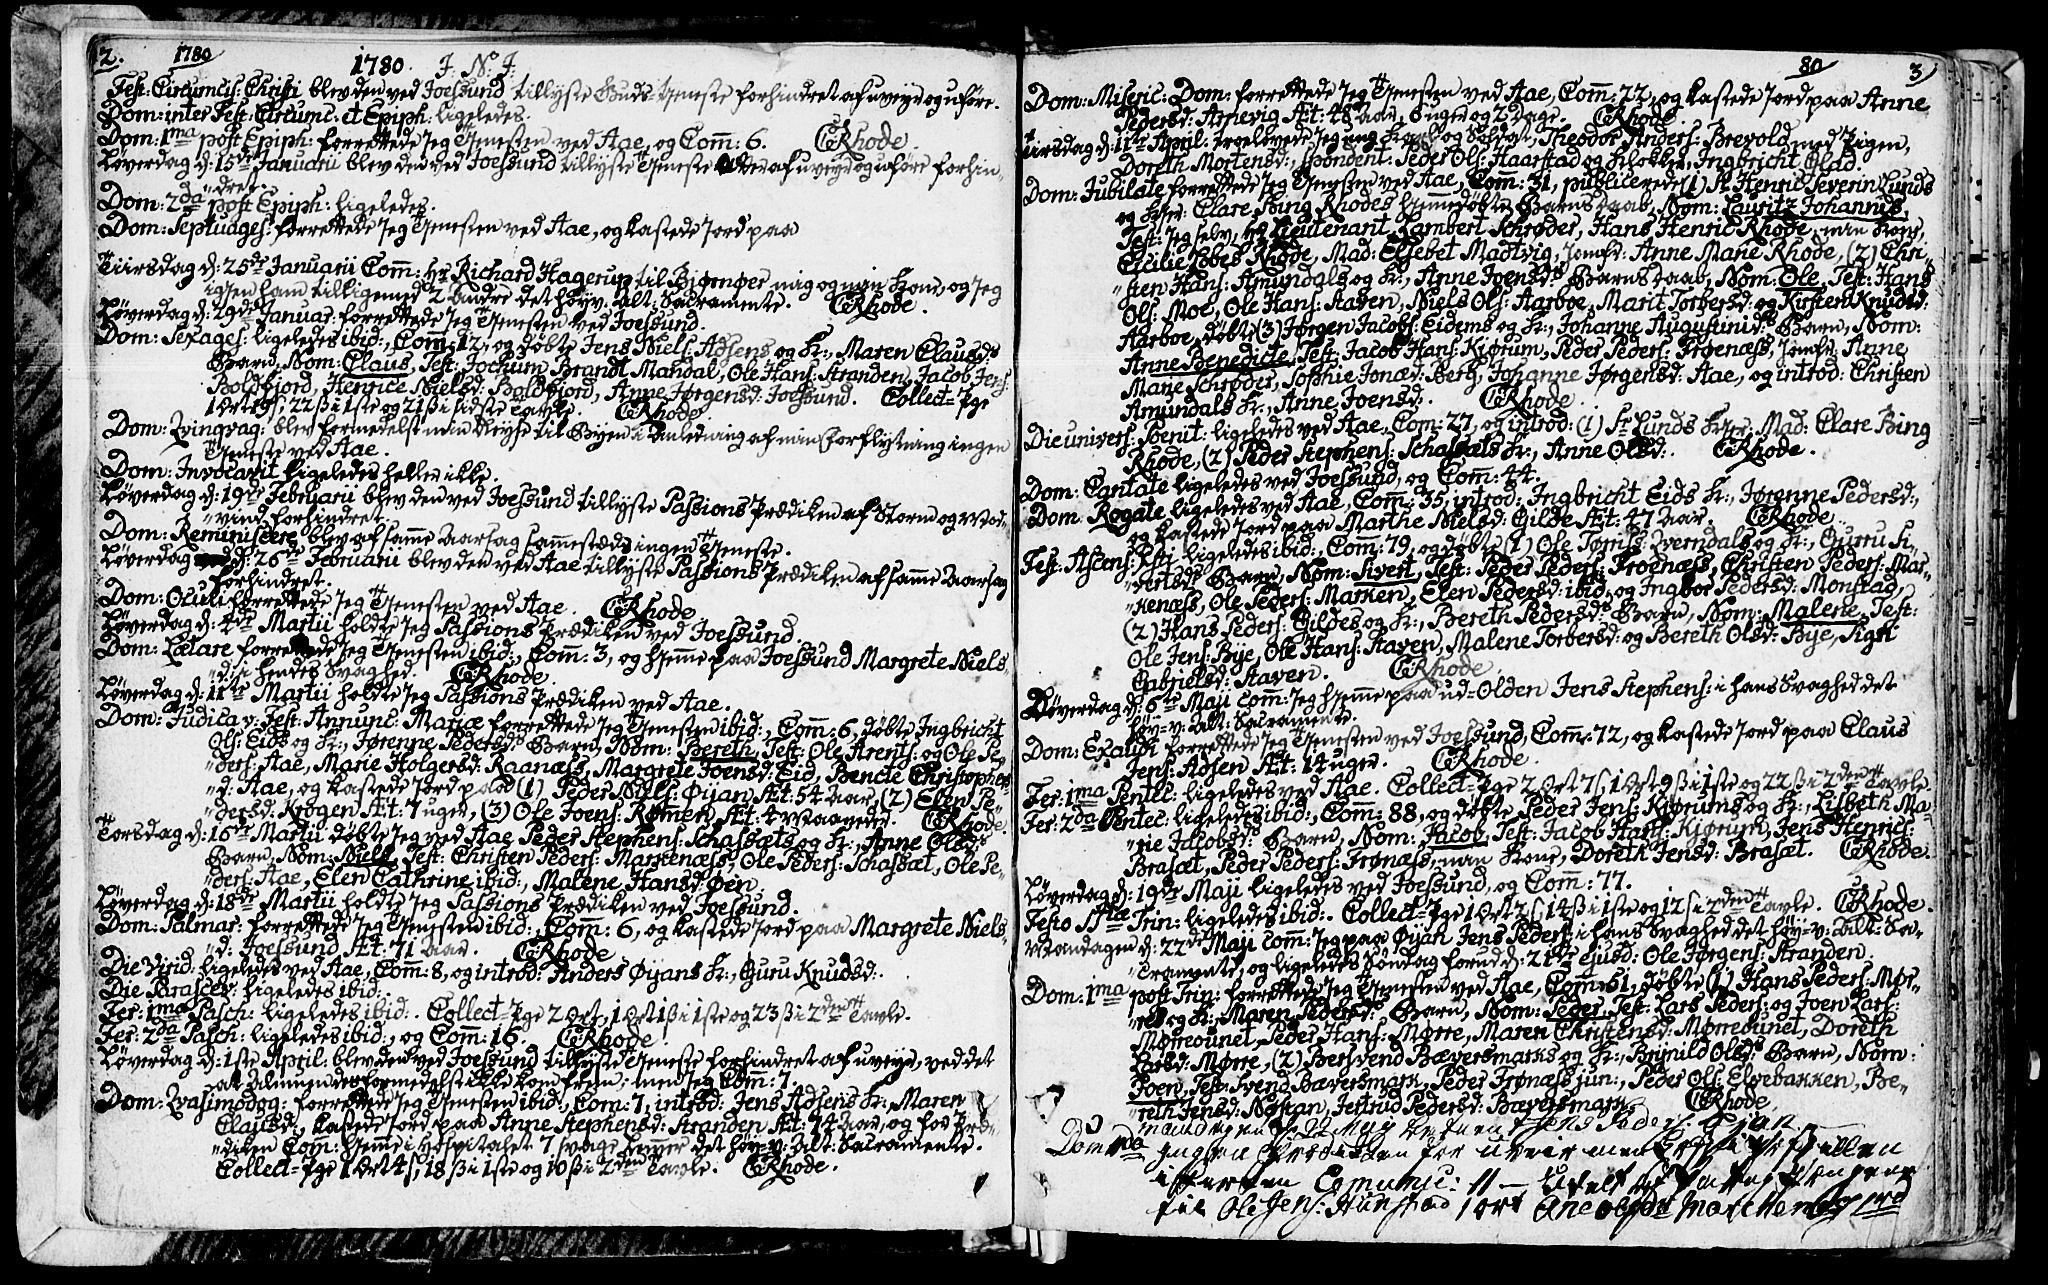 SAT, Ministerialprotokoller, klokkerbøker og fødselsregistre - Sør-Trøndelag, 655/L0673: Ministerialbok nr. 655A02, 1780-1801, s. 2-3